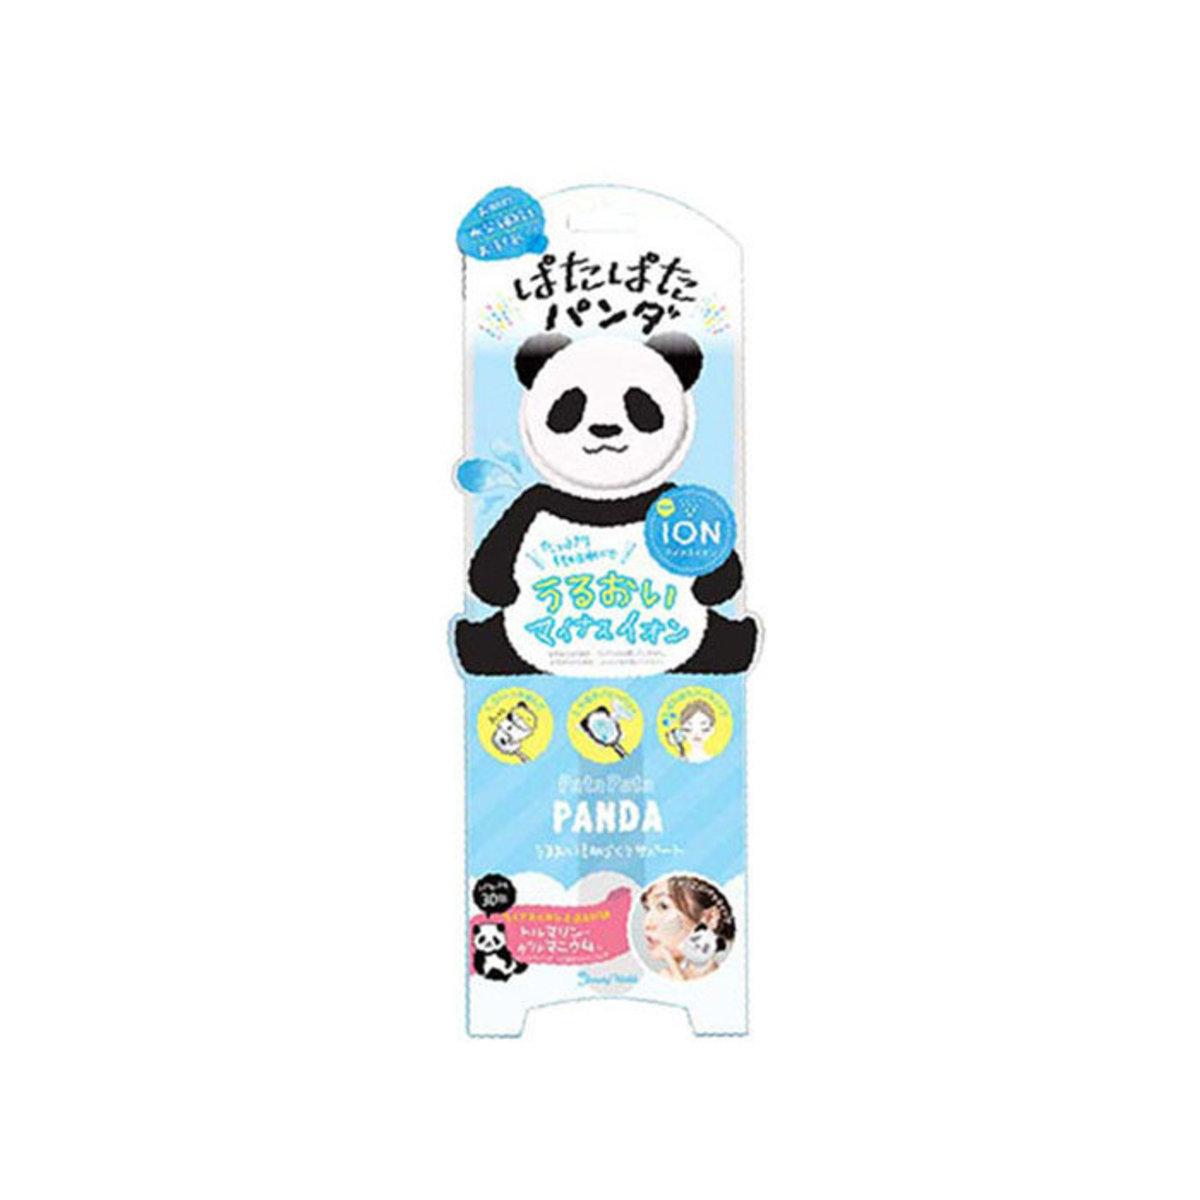 熊貓化妝水拍打棒 PTP800